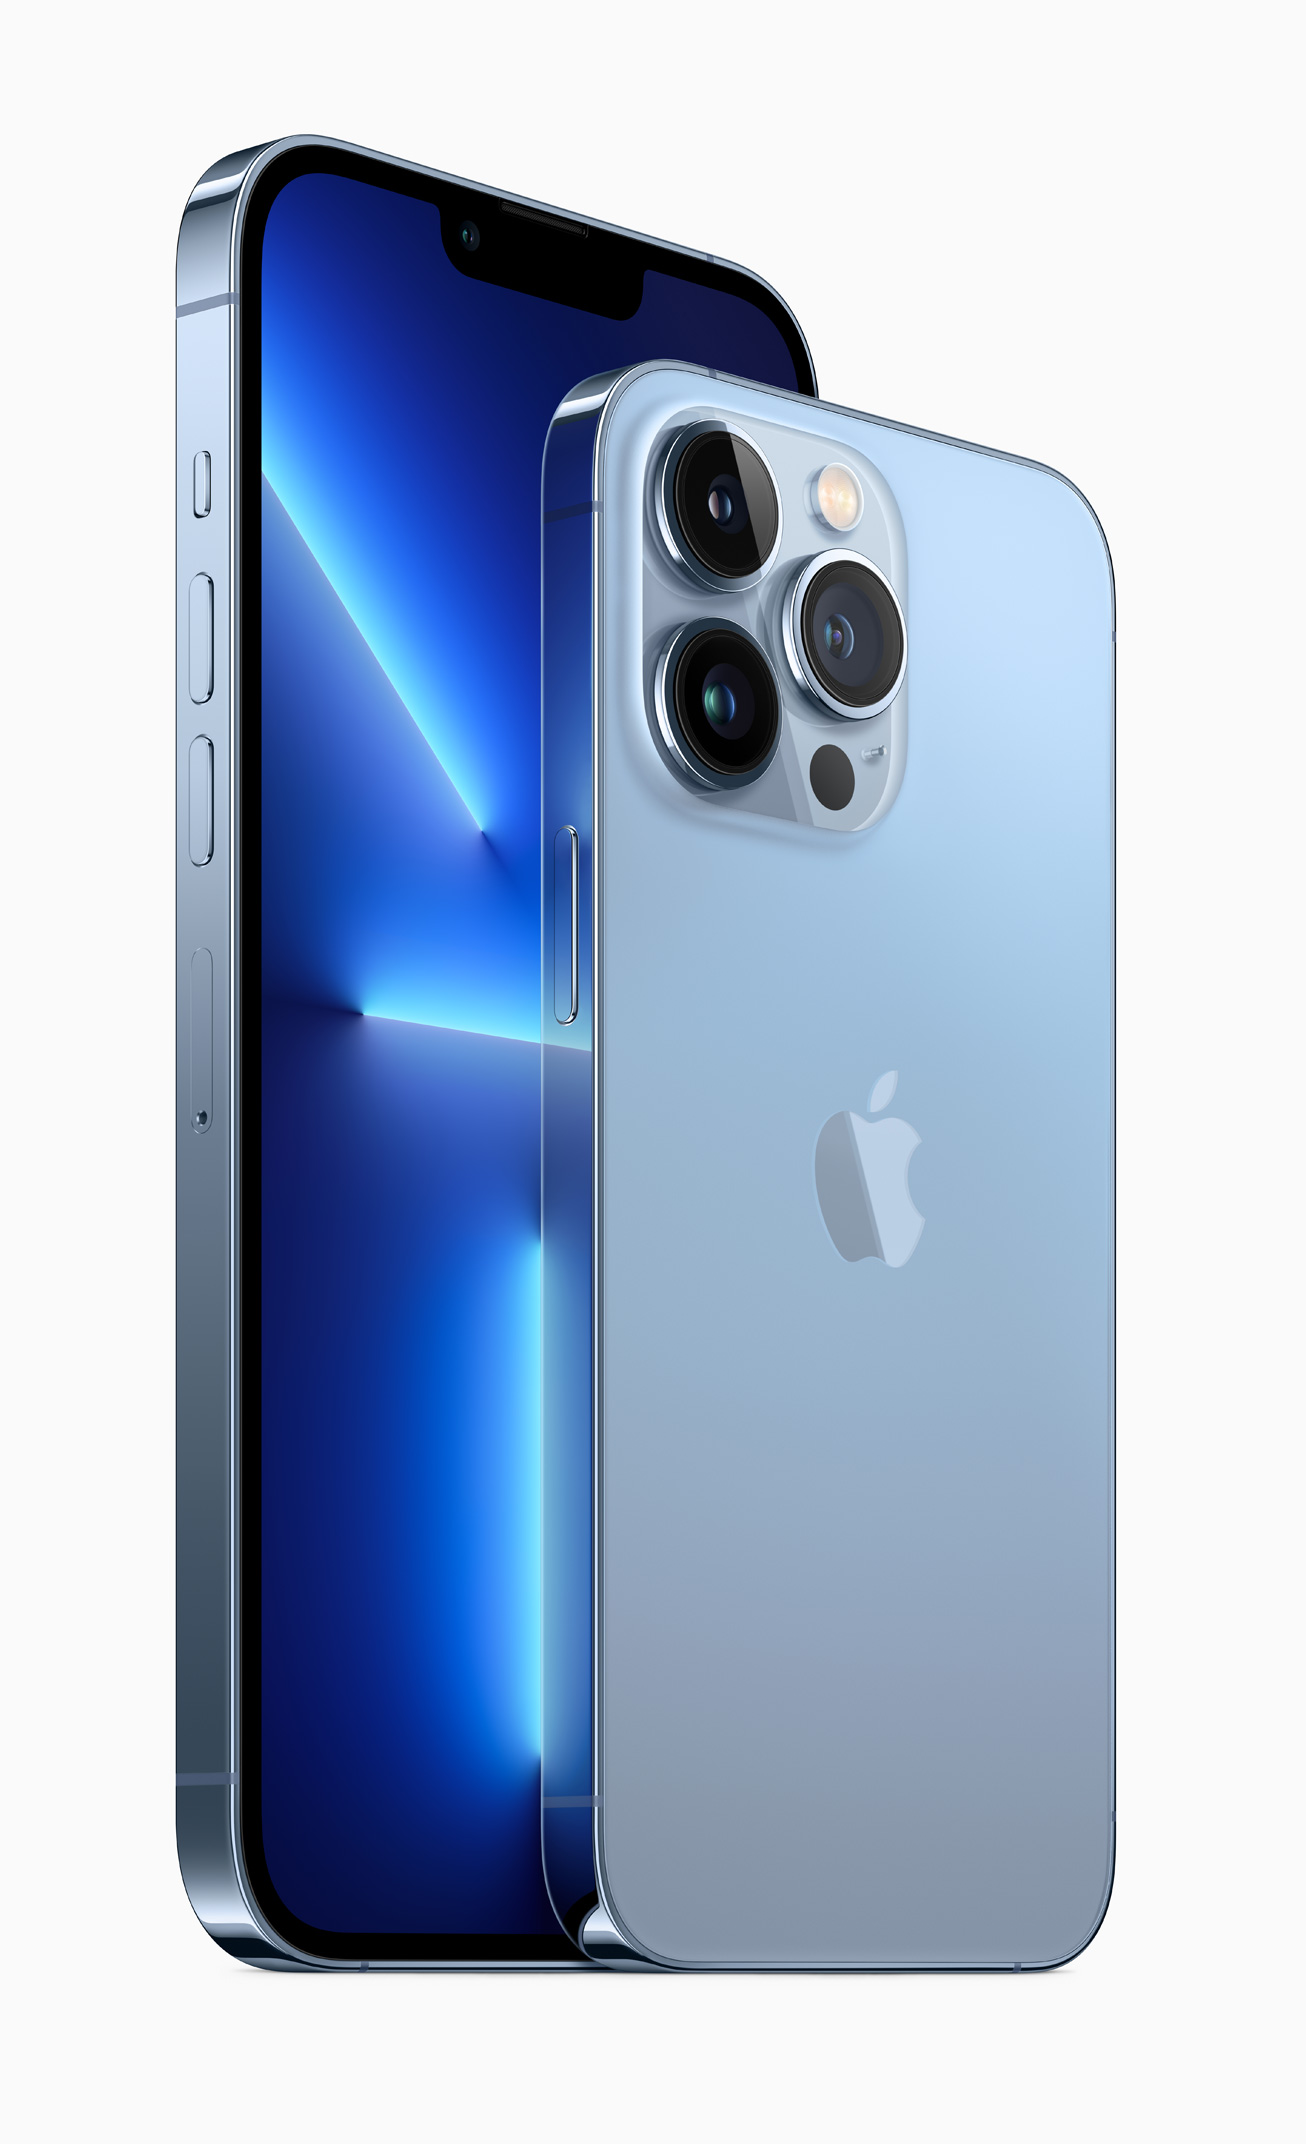 iPhone 13 Pro Max, iPhone 13 Pro, iPhone 13 and iPhone mini are ready for pre-order at Vodafone Romania